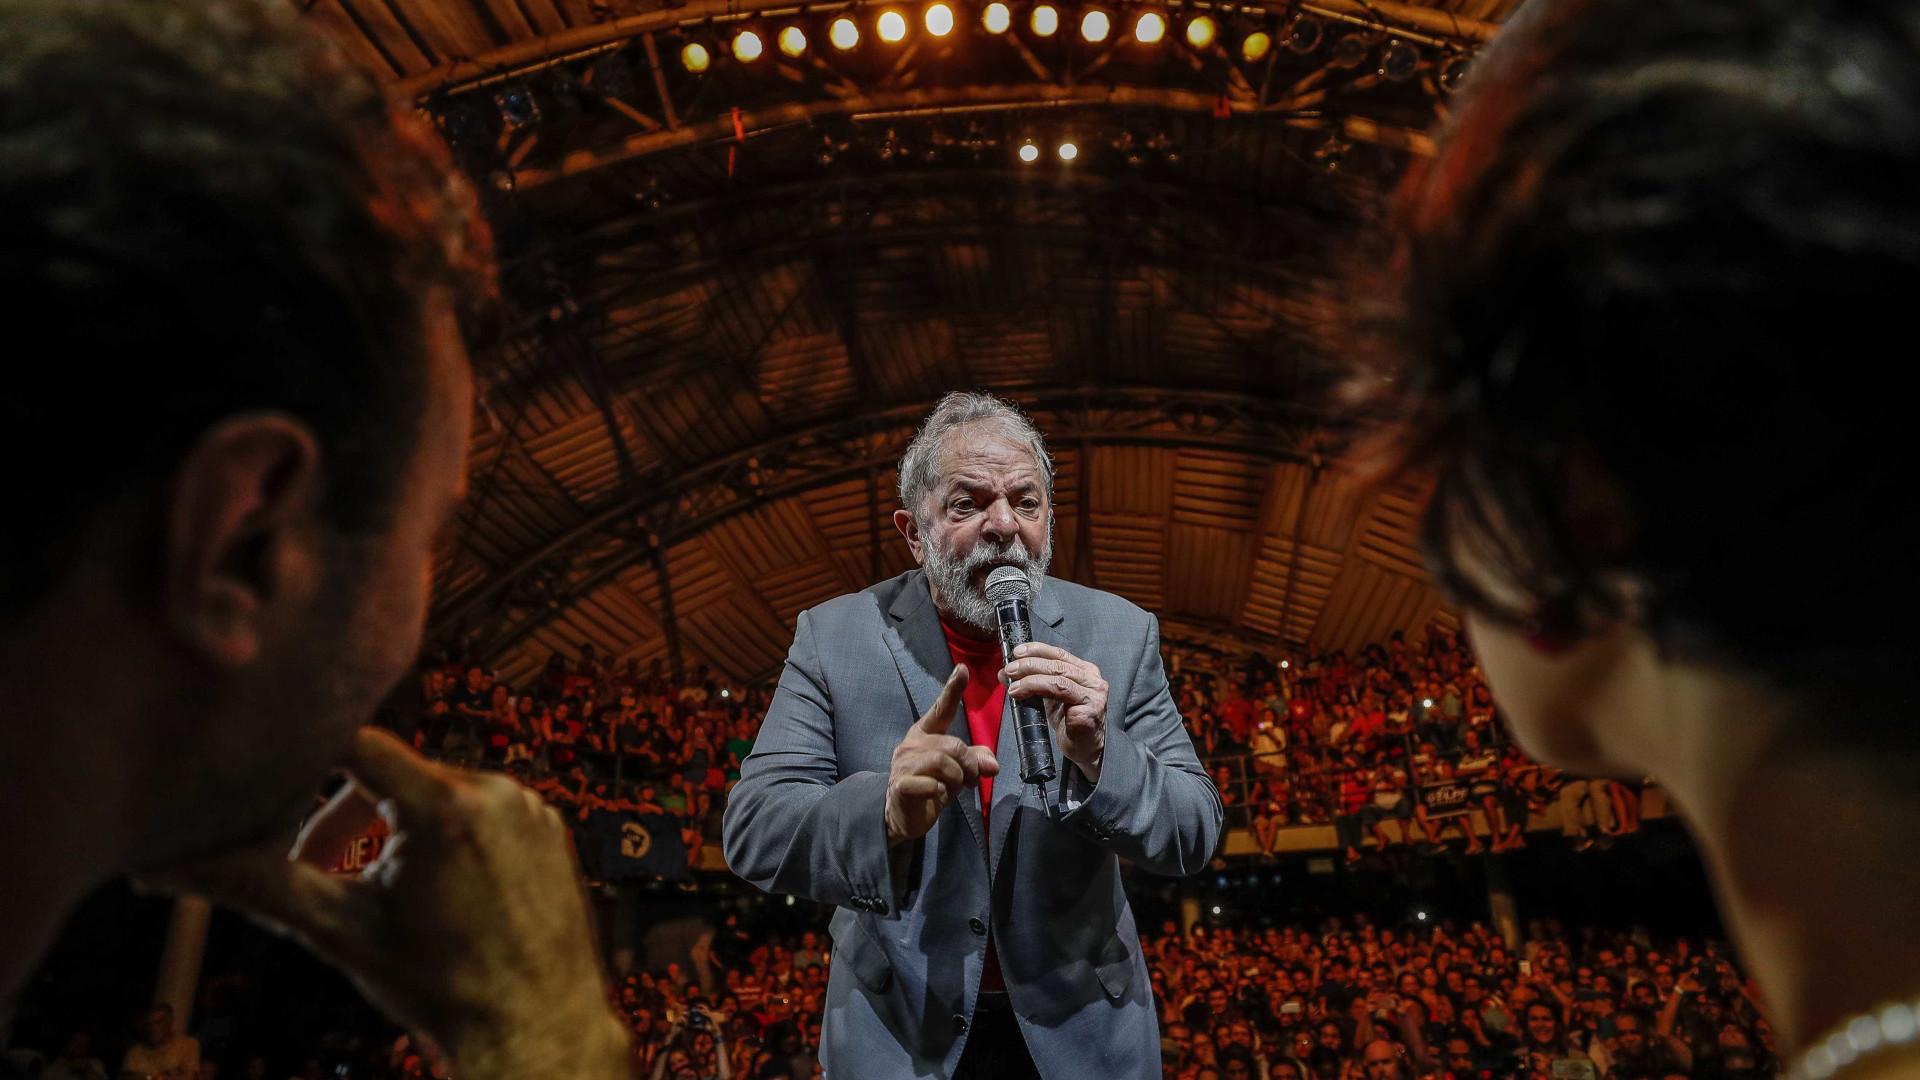 'O que temem que eu fale?', diz Lula sobre proibição de entrevista